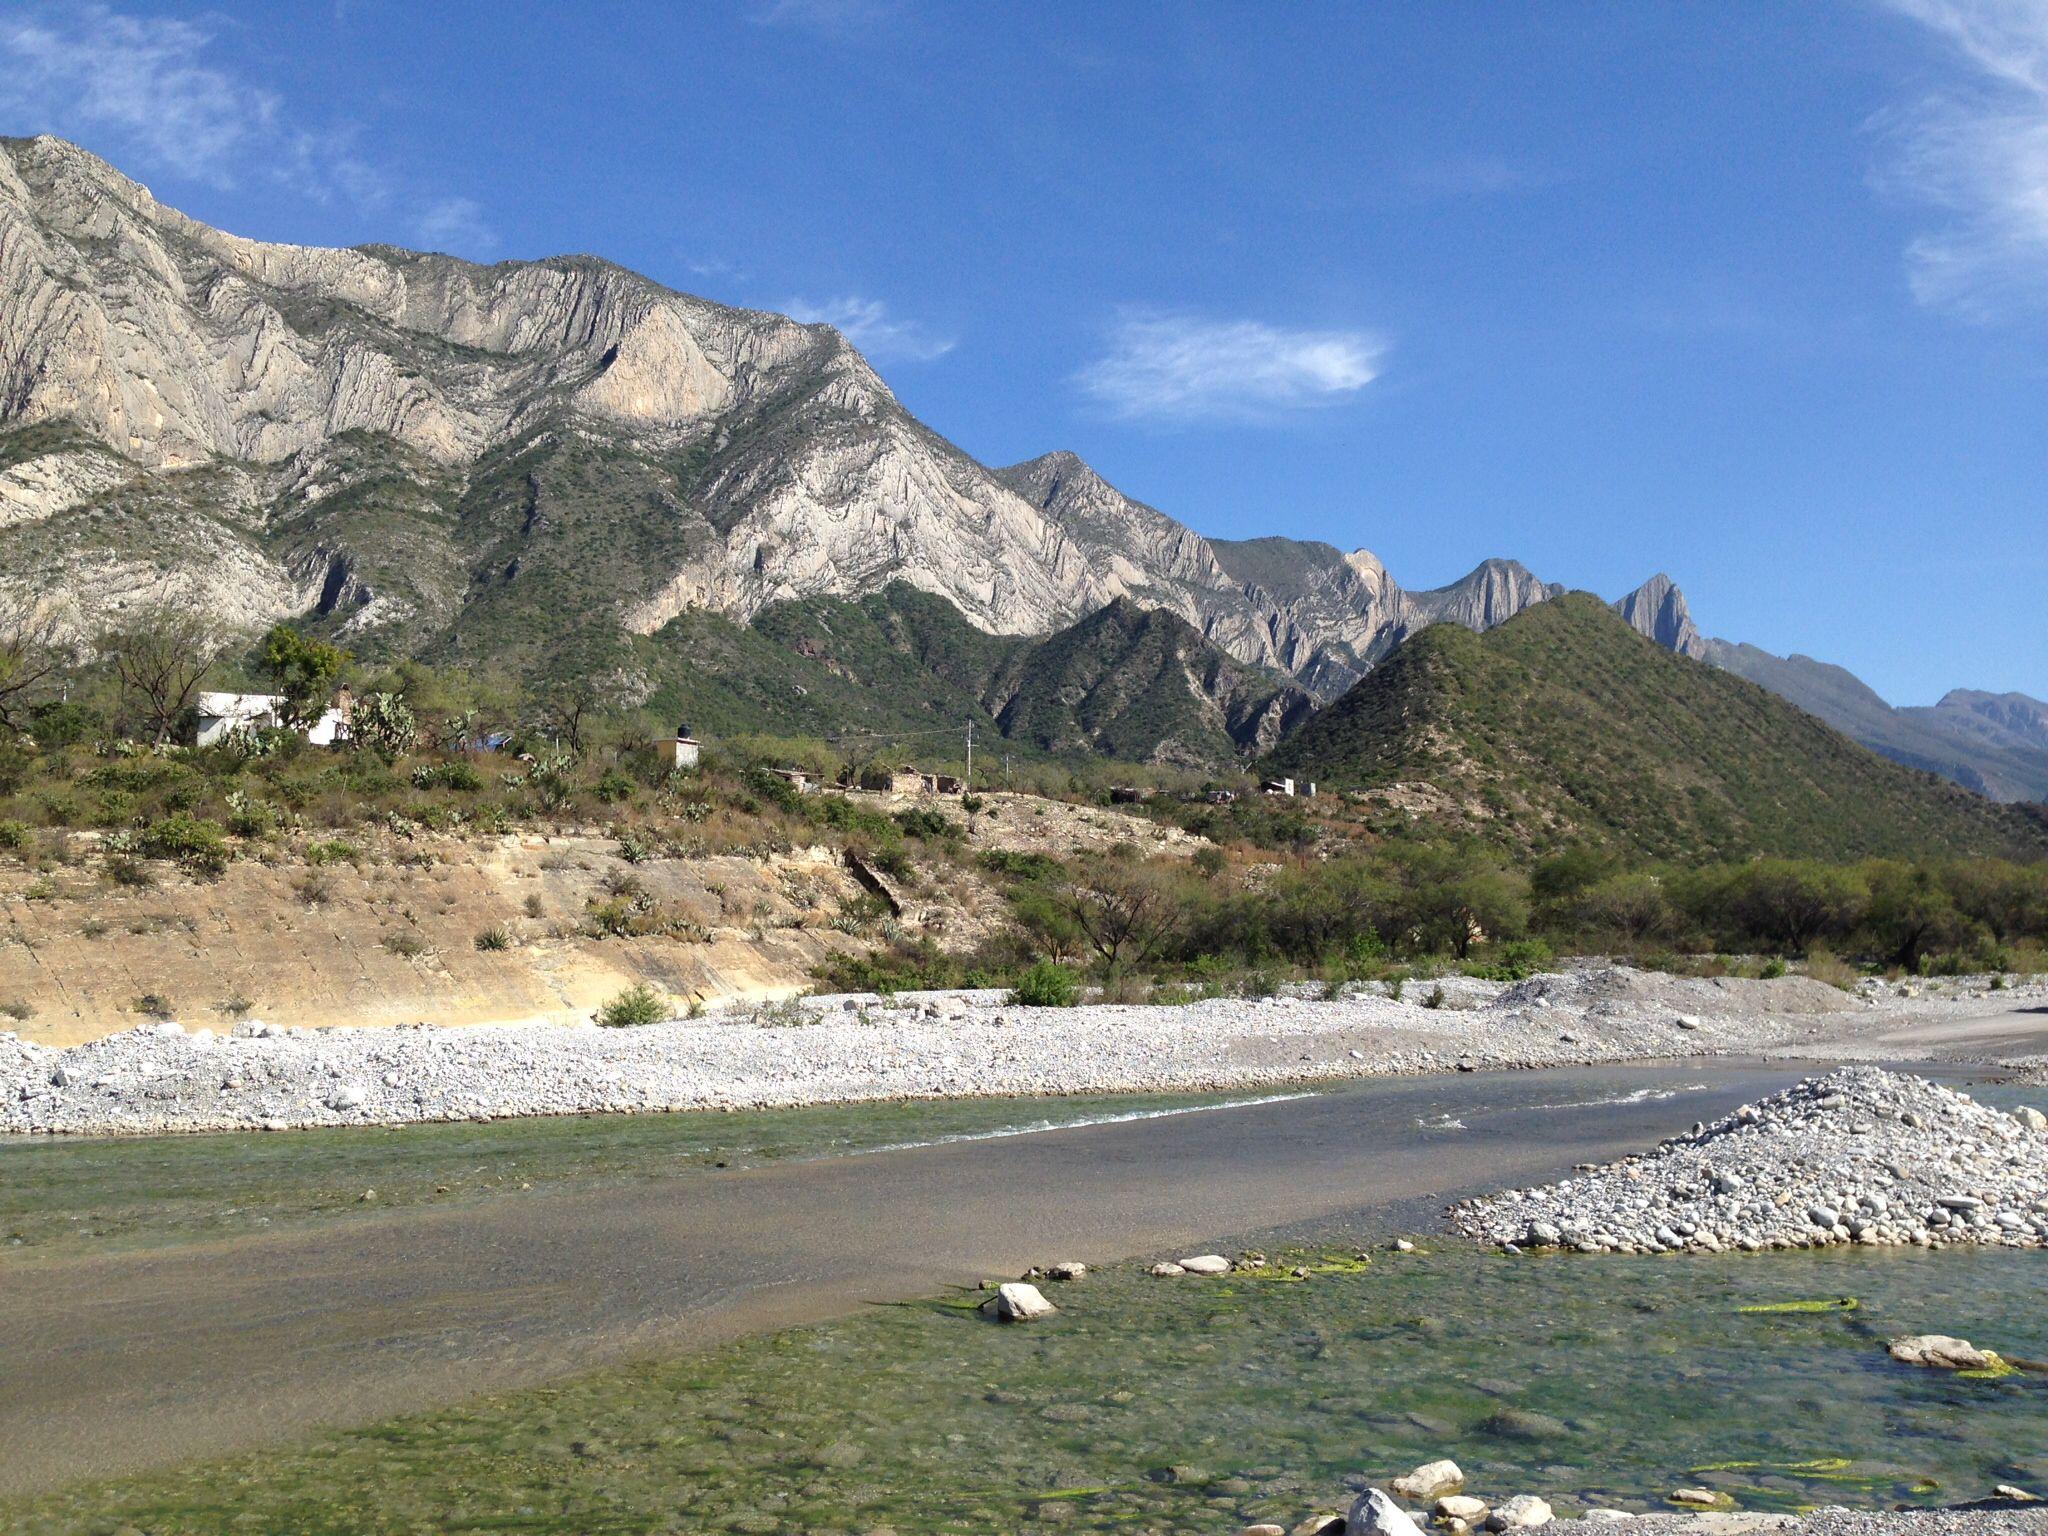 La huasteca, Monterrey, Nuevo León, Mexico